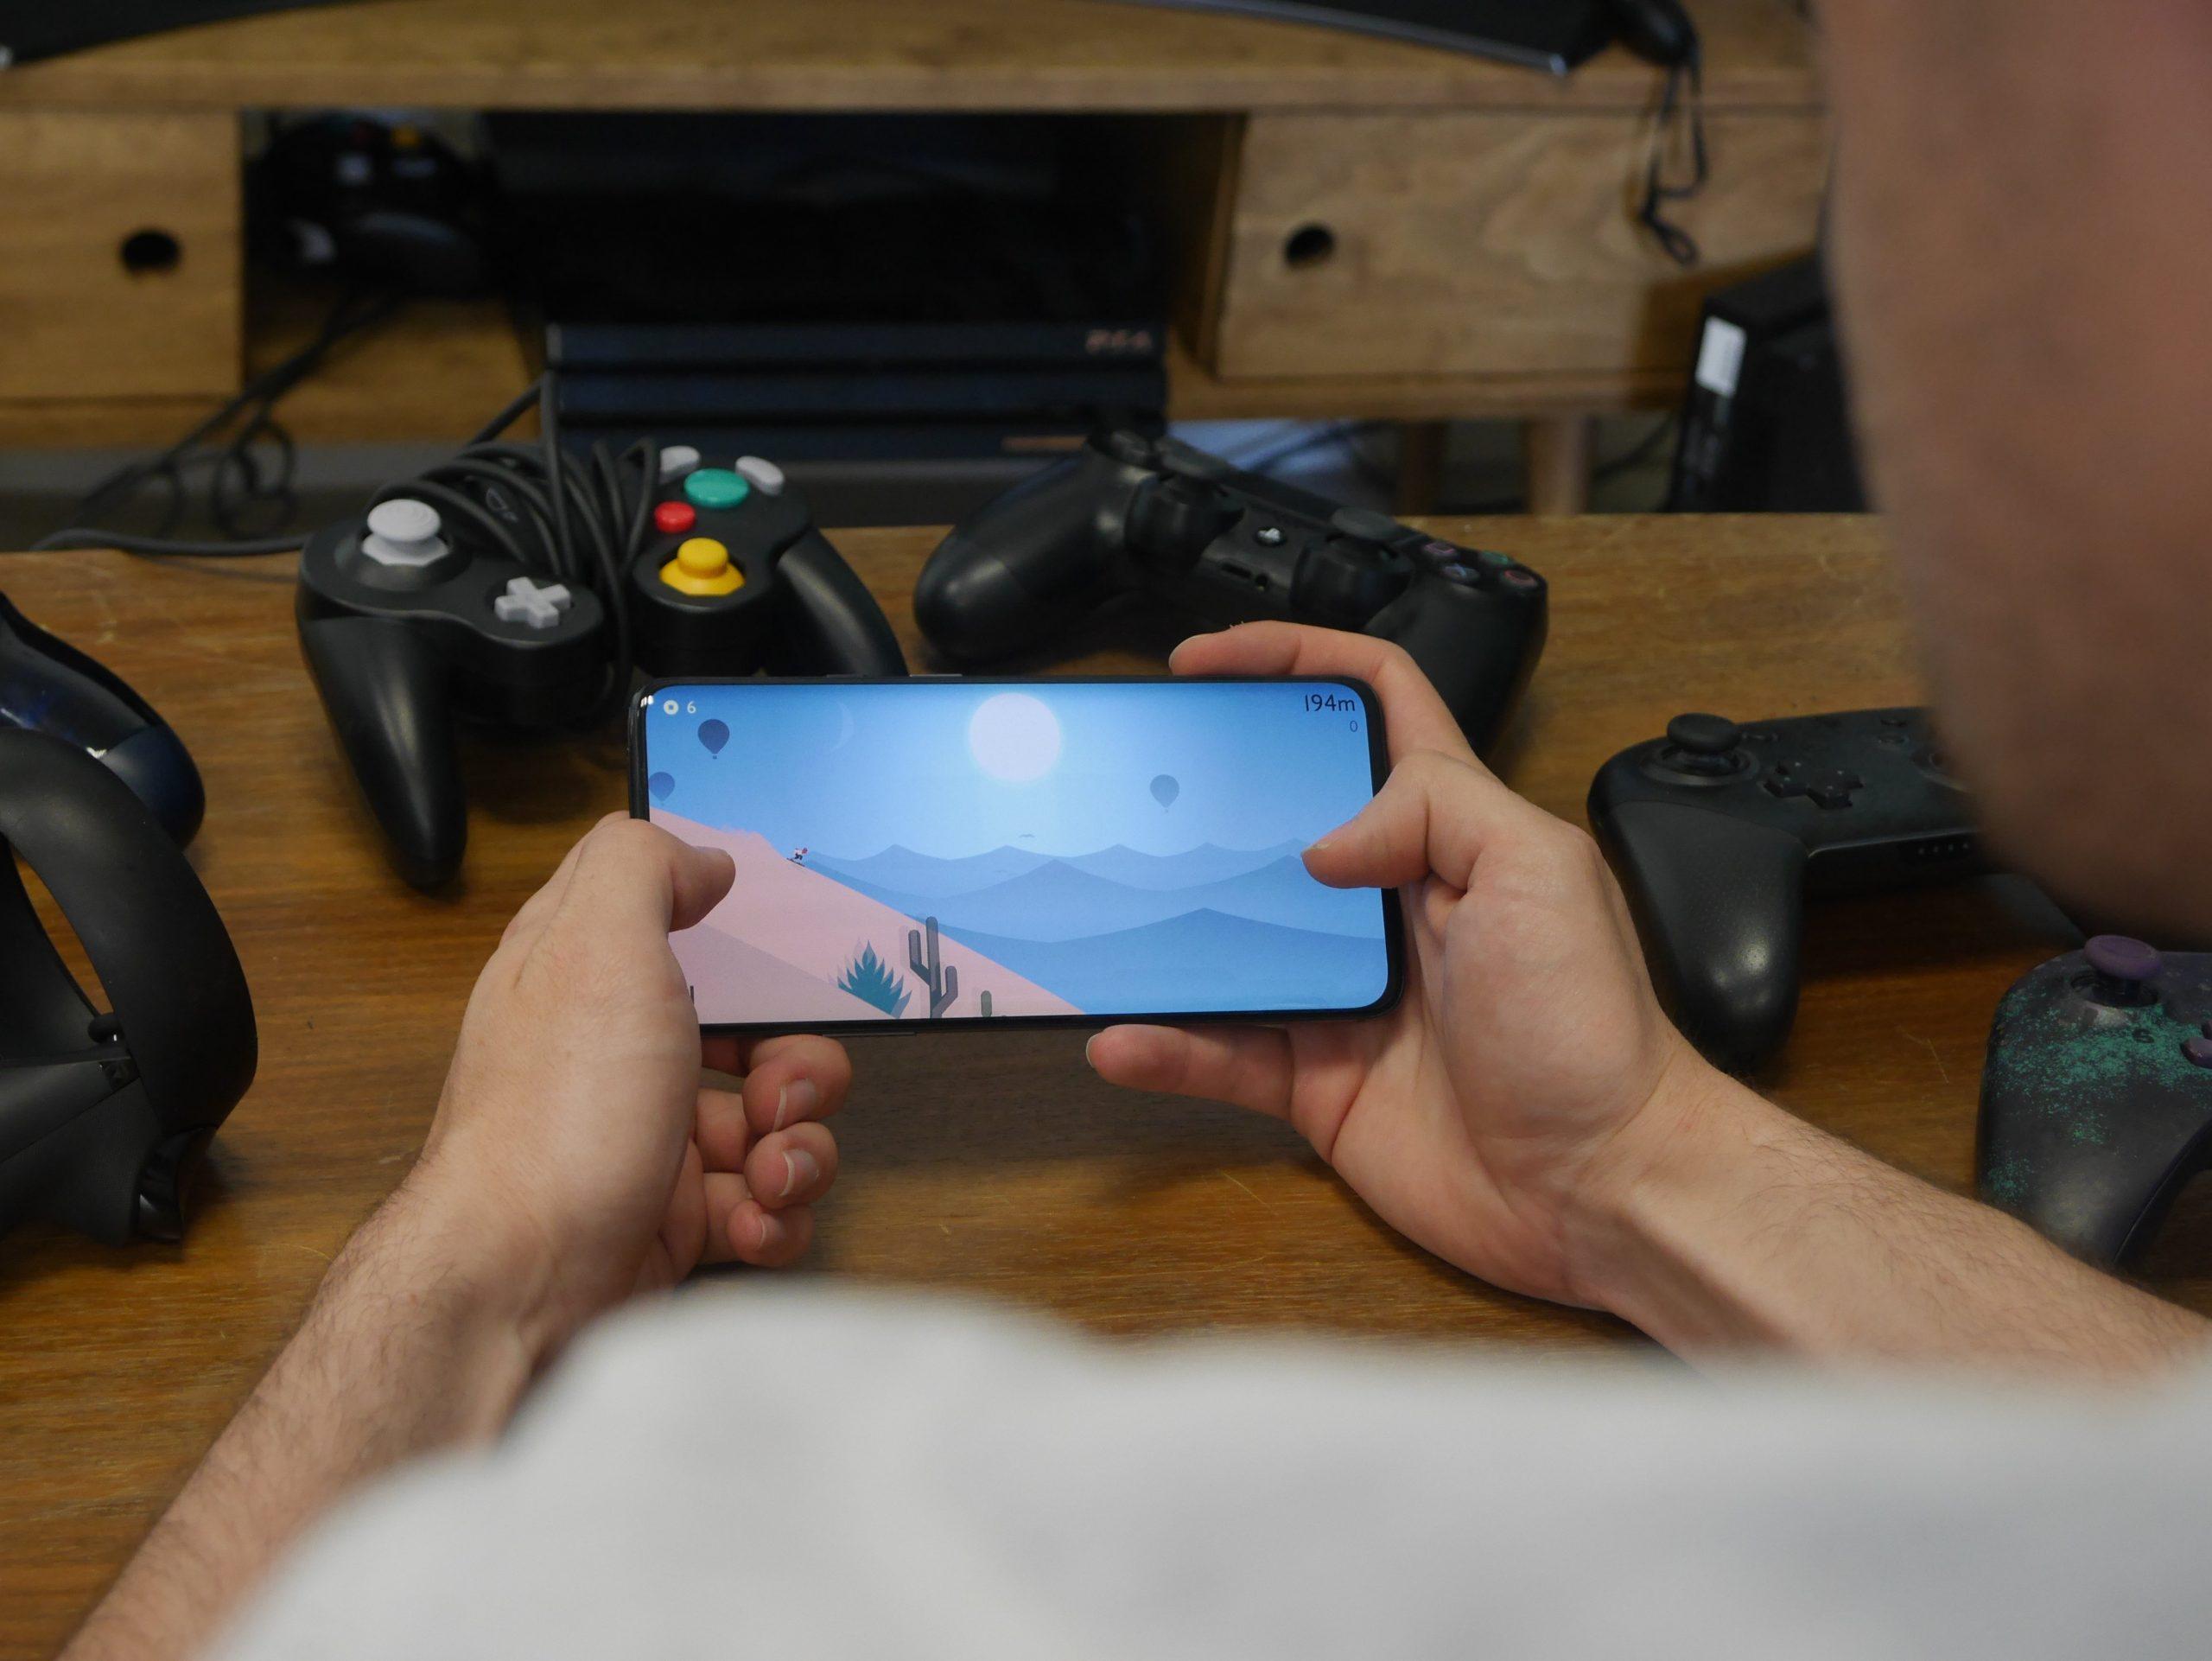 Les Meilleurs Jeux Gratuits Sur Android En 2020 avec Jeux 2 Ans En Ligne Gratuit